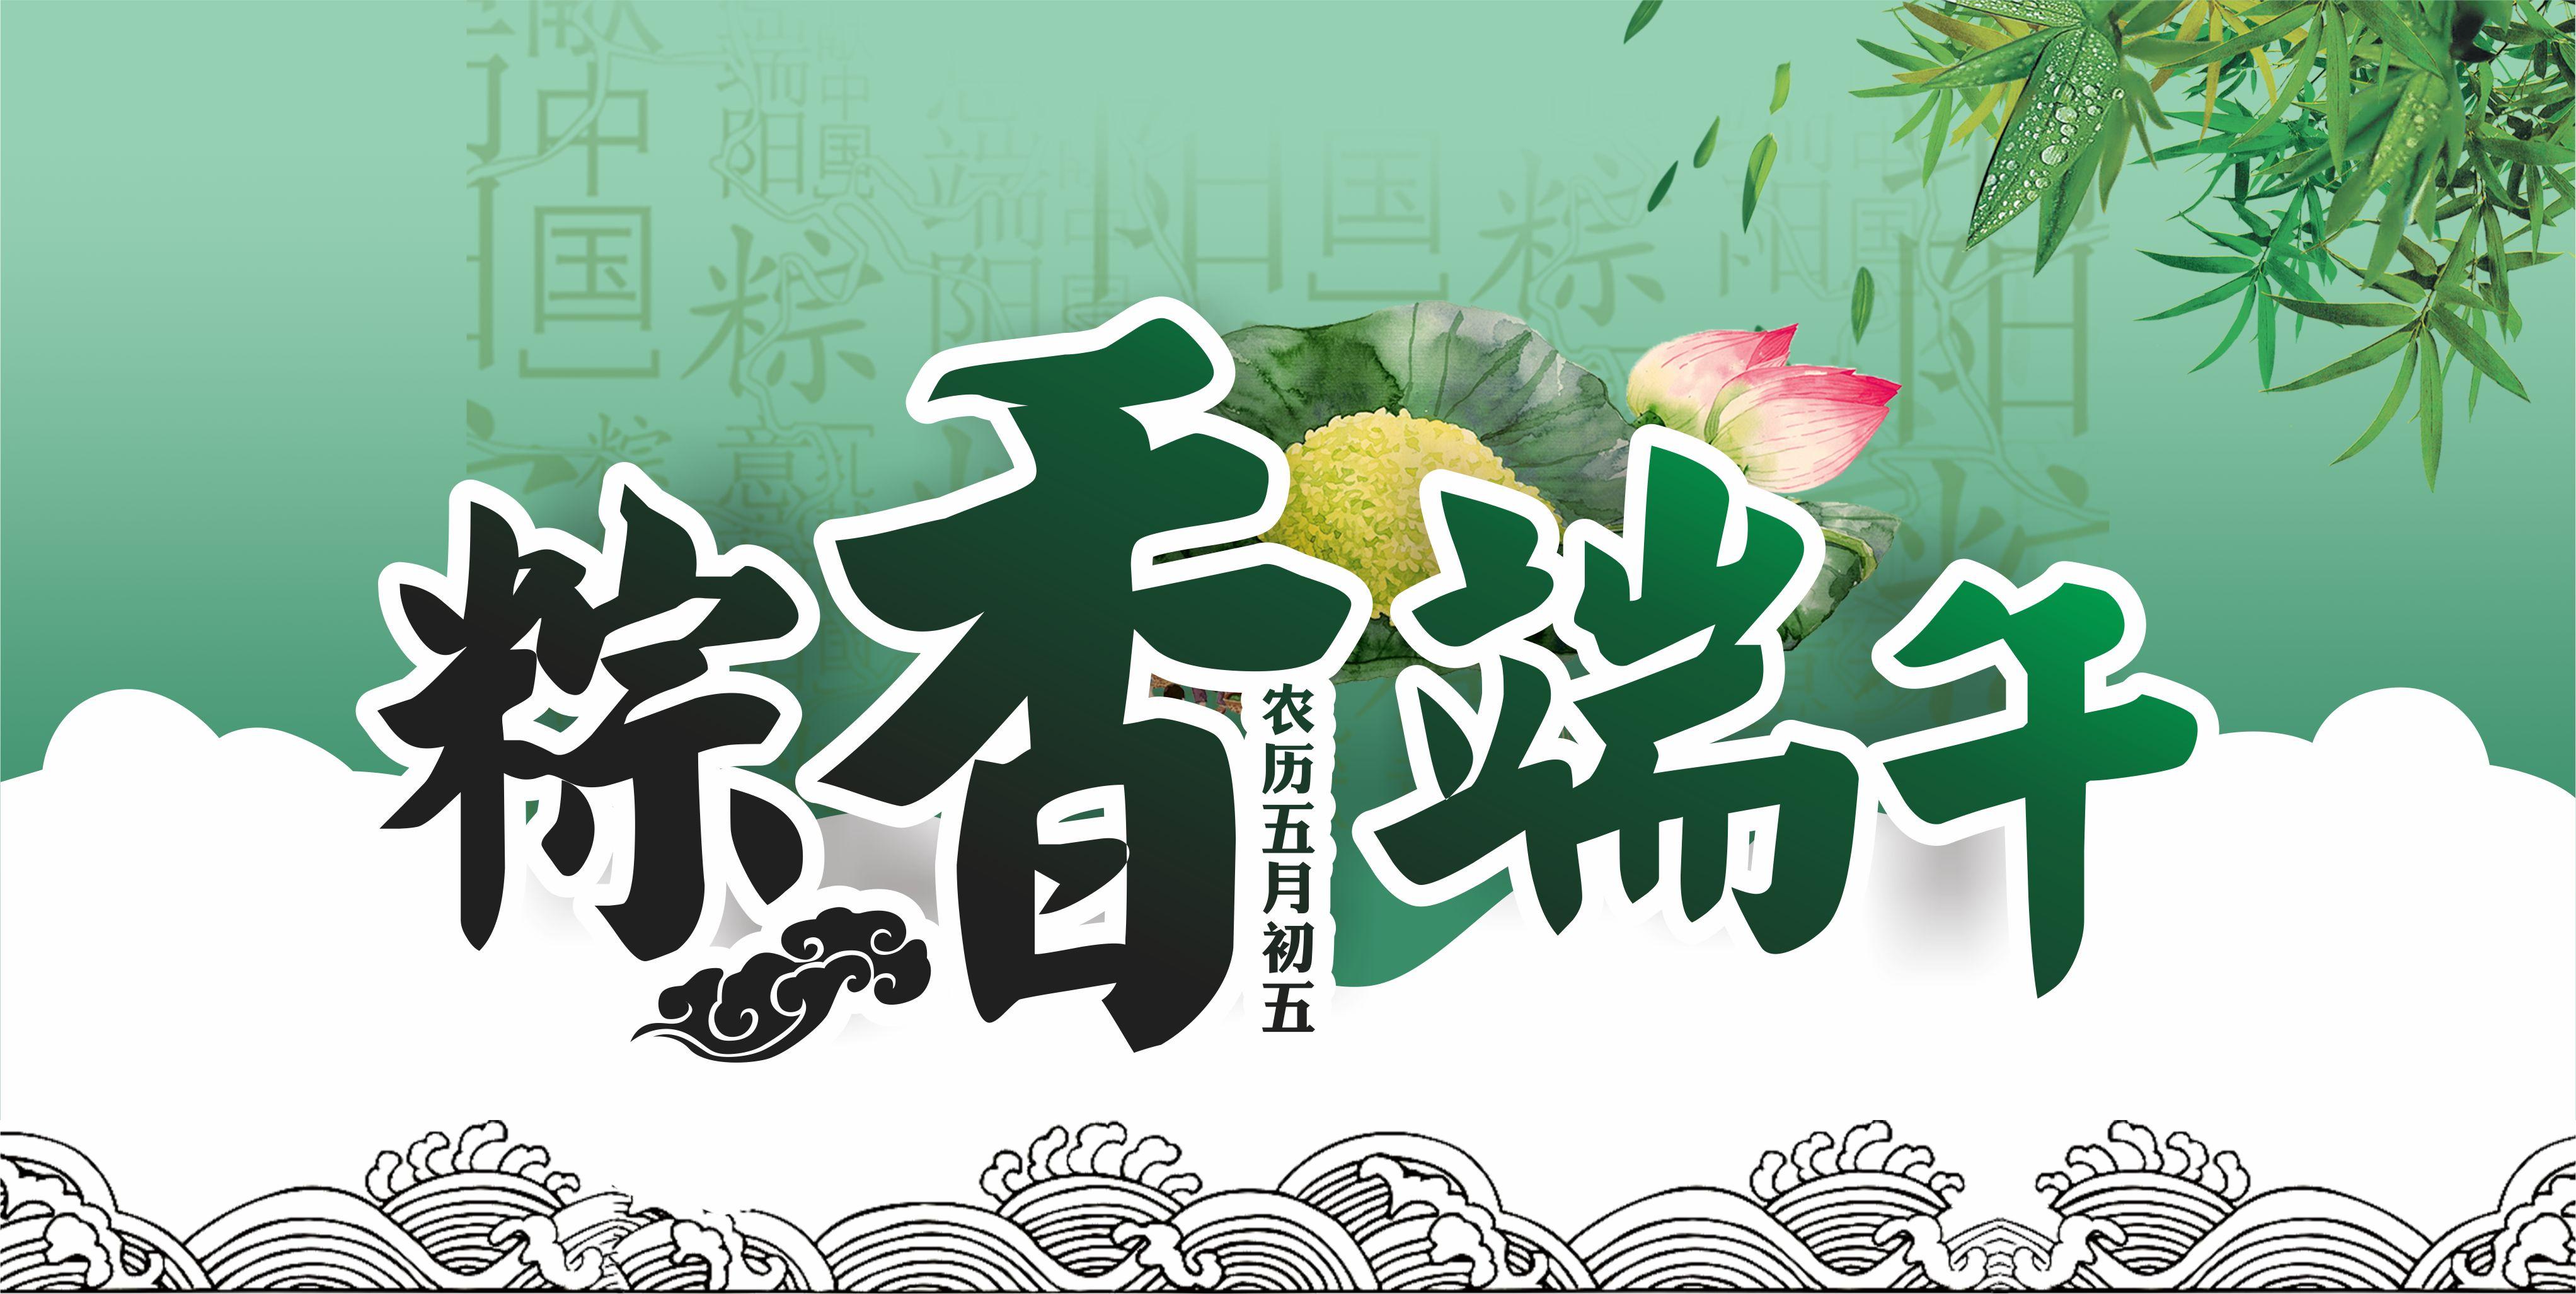 【放假通知】纳新网络端午节放假安排